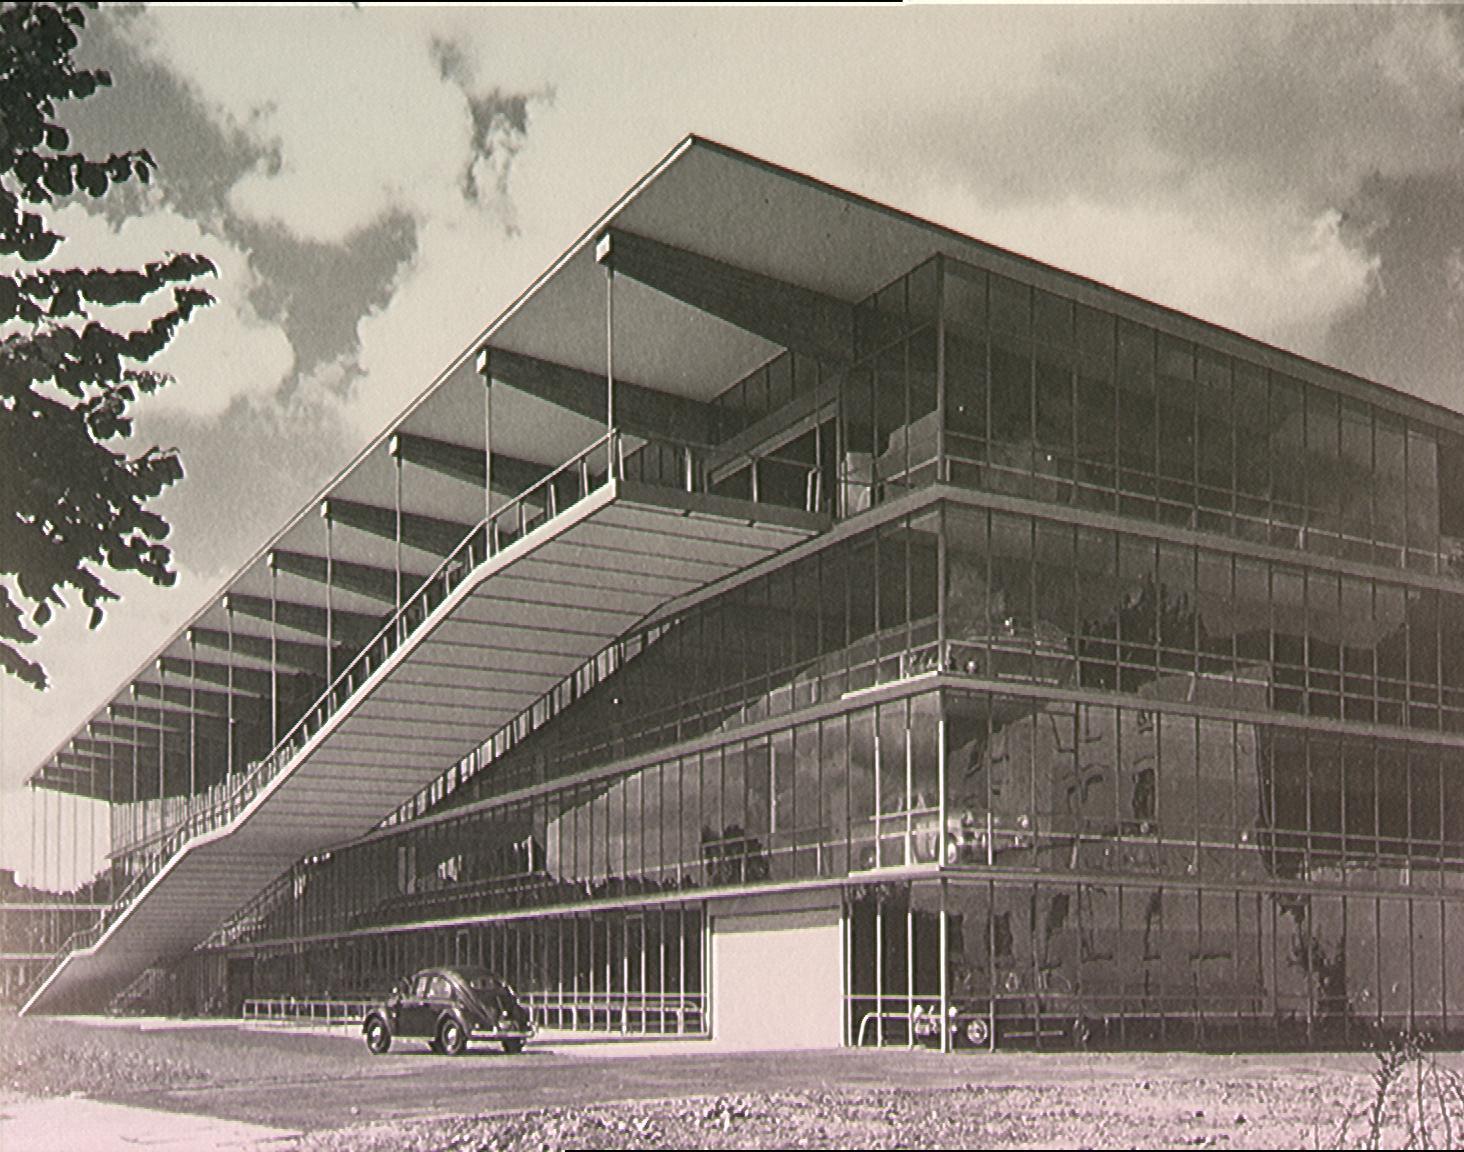 Konstruktivismus Architektur: THEN AND NOW: Die Garage Und Die Band